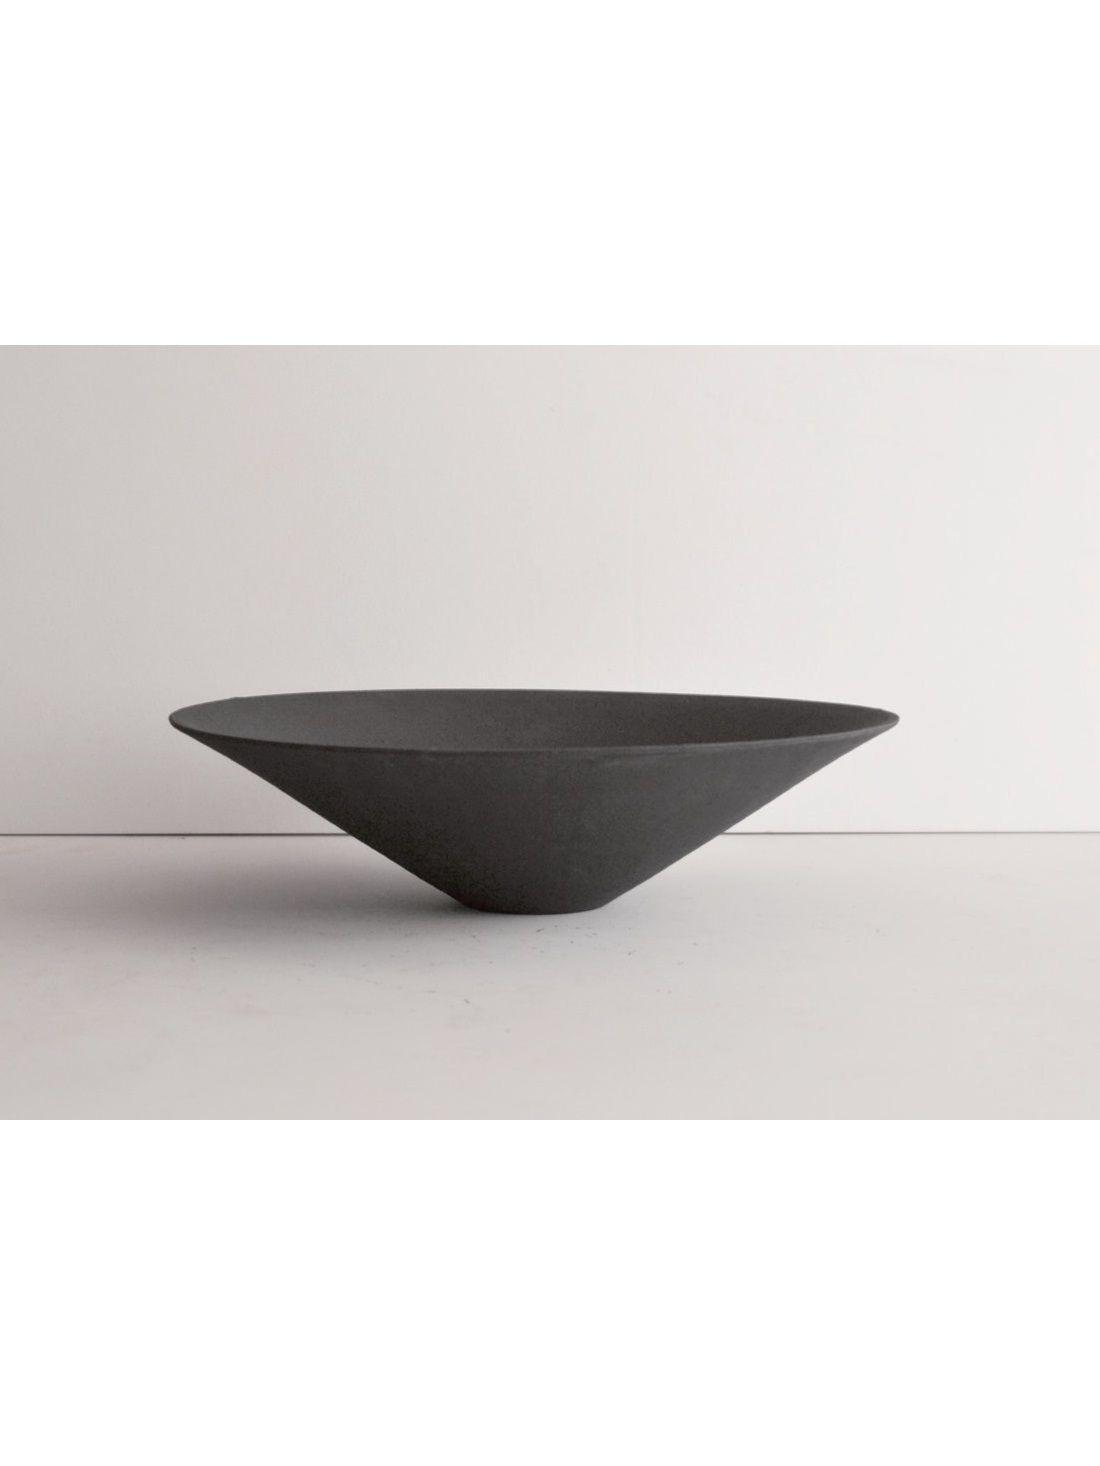 Endo Room Design: Bowl Www.fallow.com.au